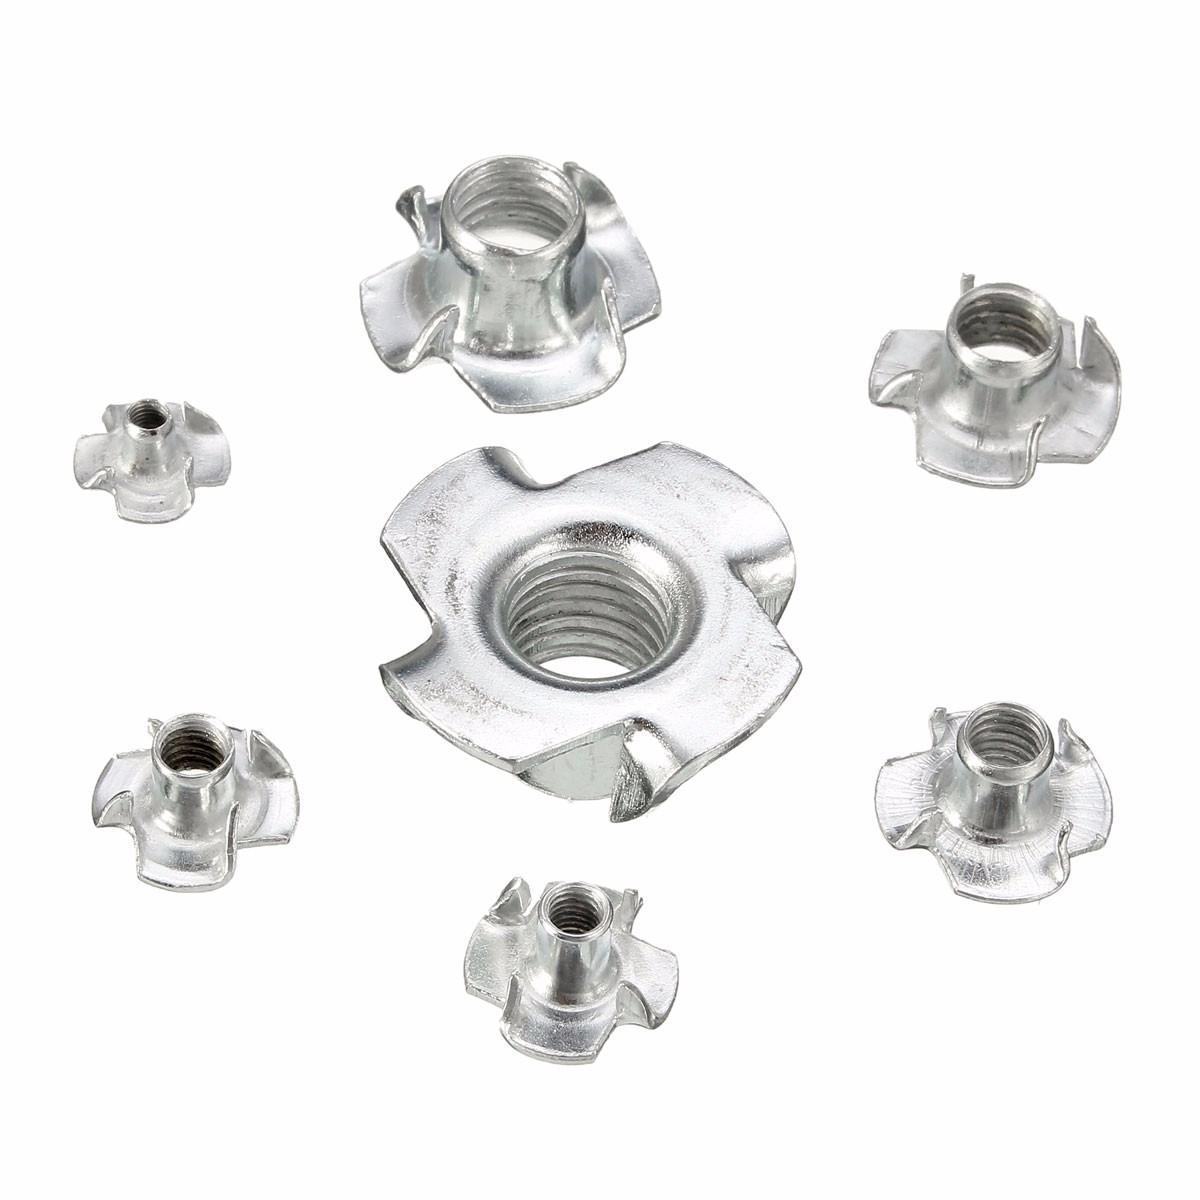 Suleve Cstn1 Four Prong T Nut Inserts Carbon Steel Zinc